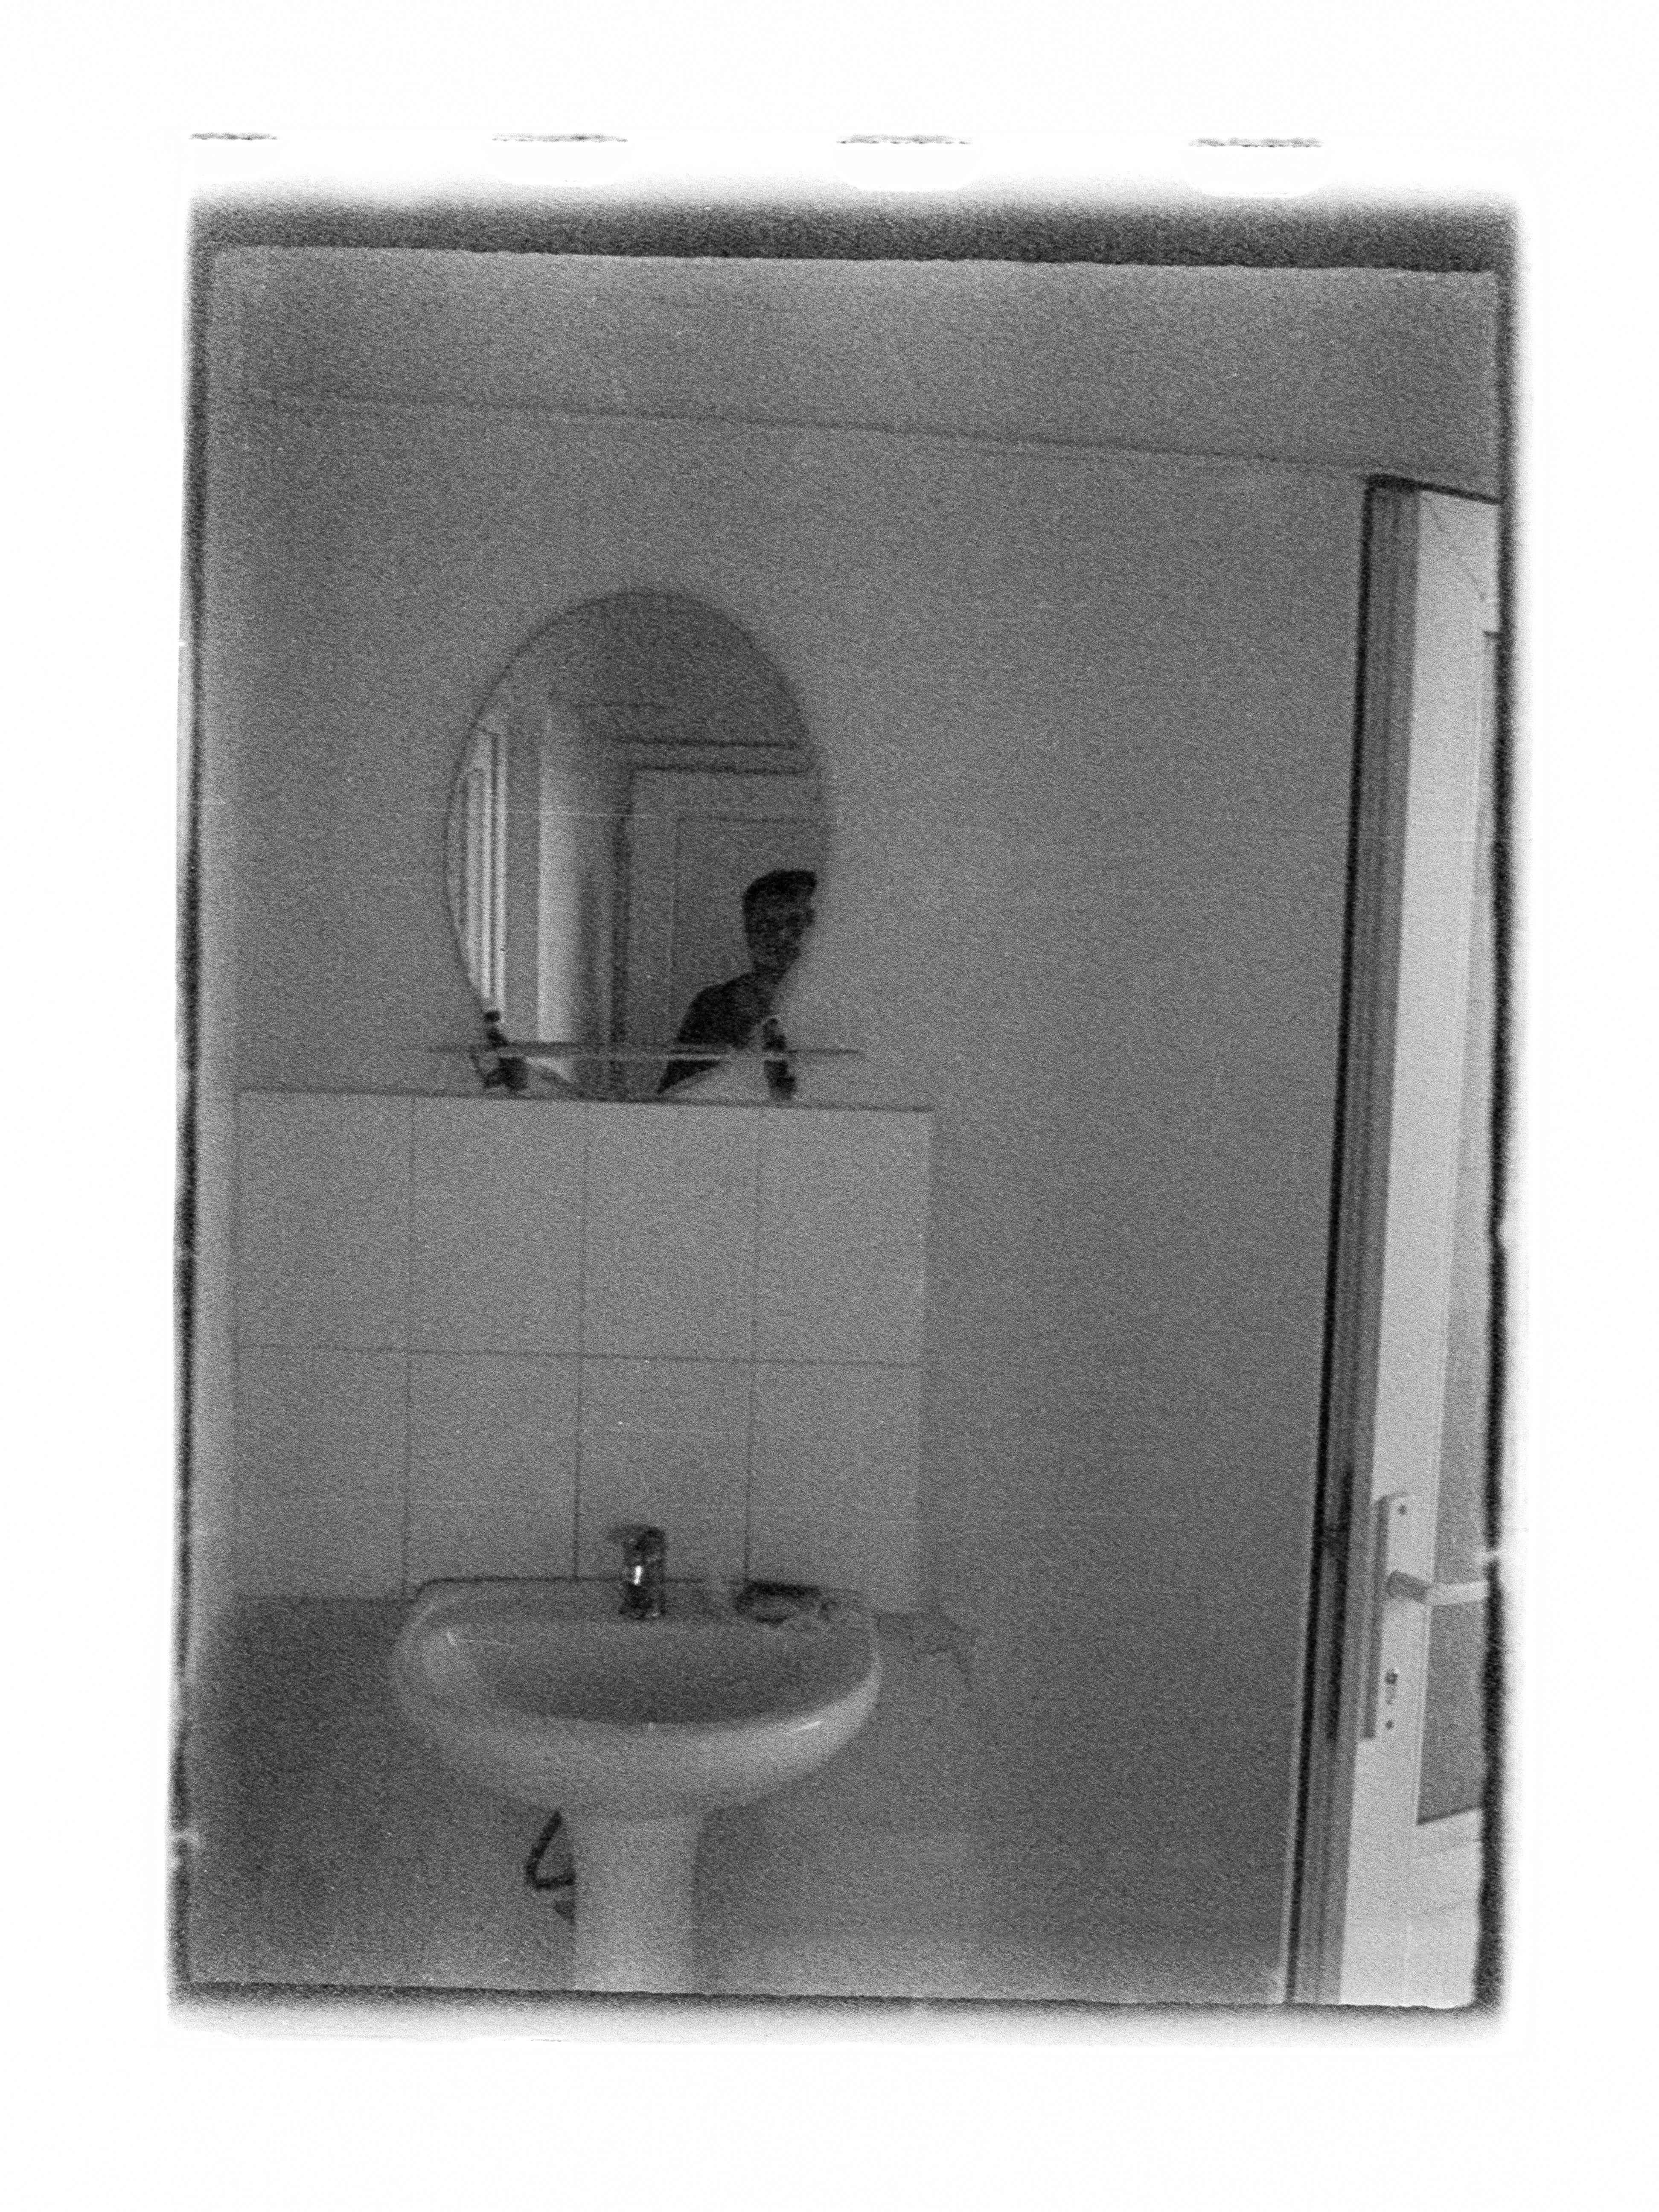 Selfie in bathroom mirror (Pic: Andrey Khludeyev)